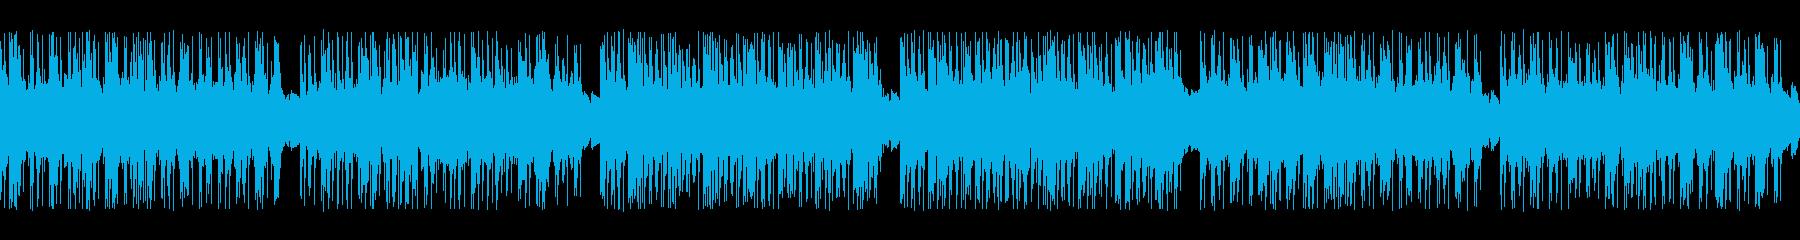 ゲーム映画バトル用攻撃的4-1ループ処理の再生済みの波形